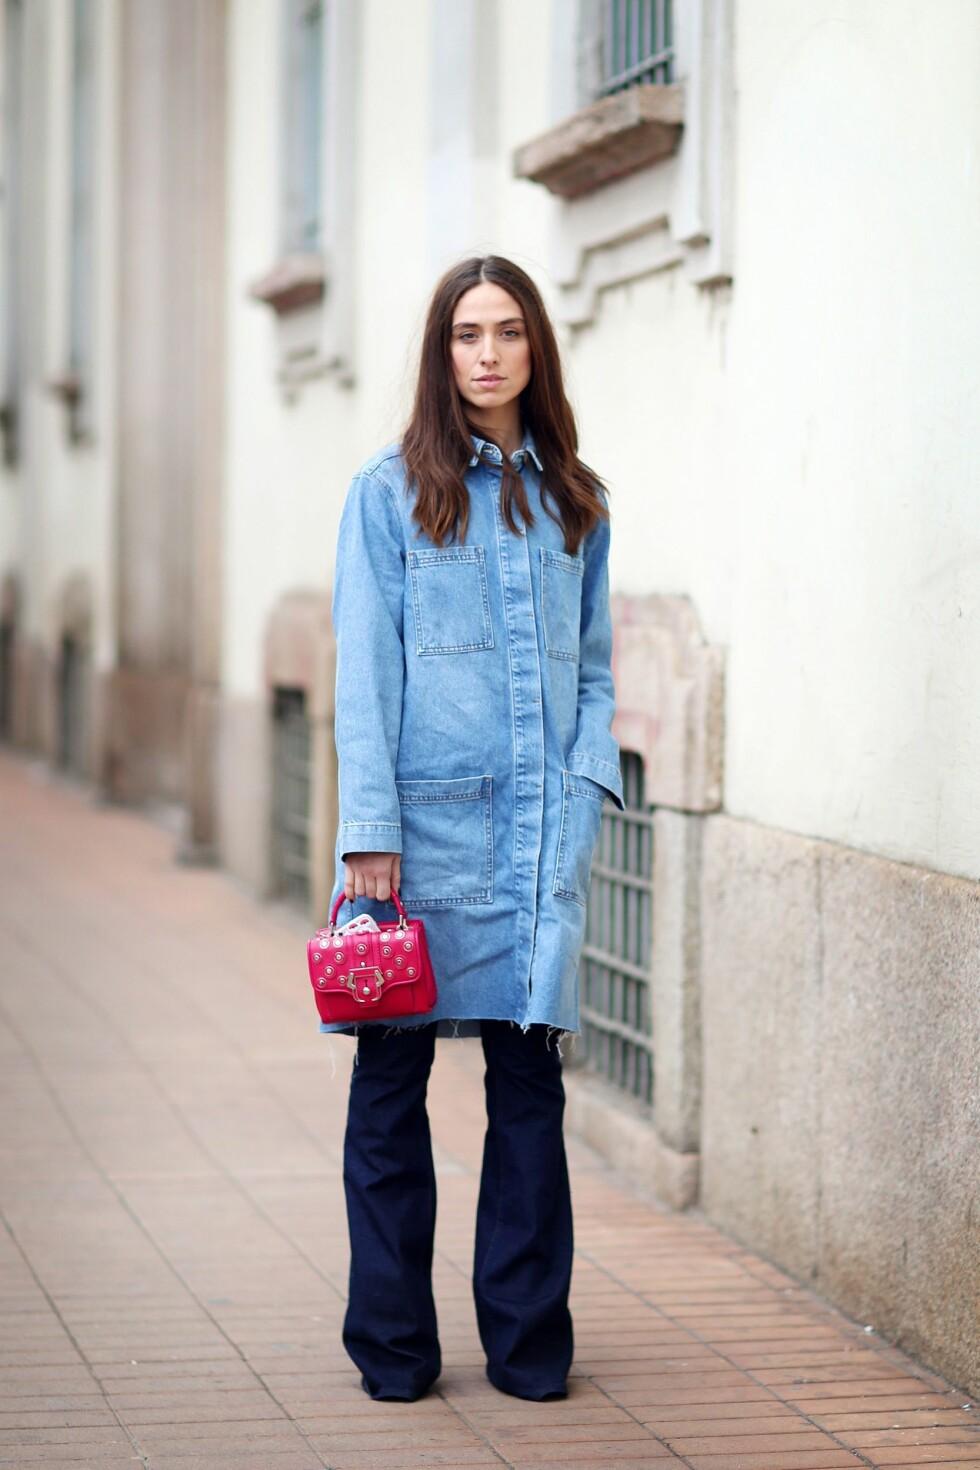 Denimkjolen trenger ikke bare bli brukt som en kjole. Lag på lag.trenden er het som aldri før, og en kjole brukt over jeansene er en av vårens store trender.  Foto: All Over